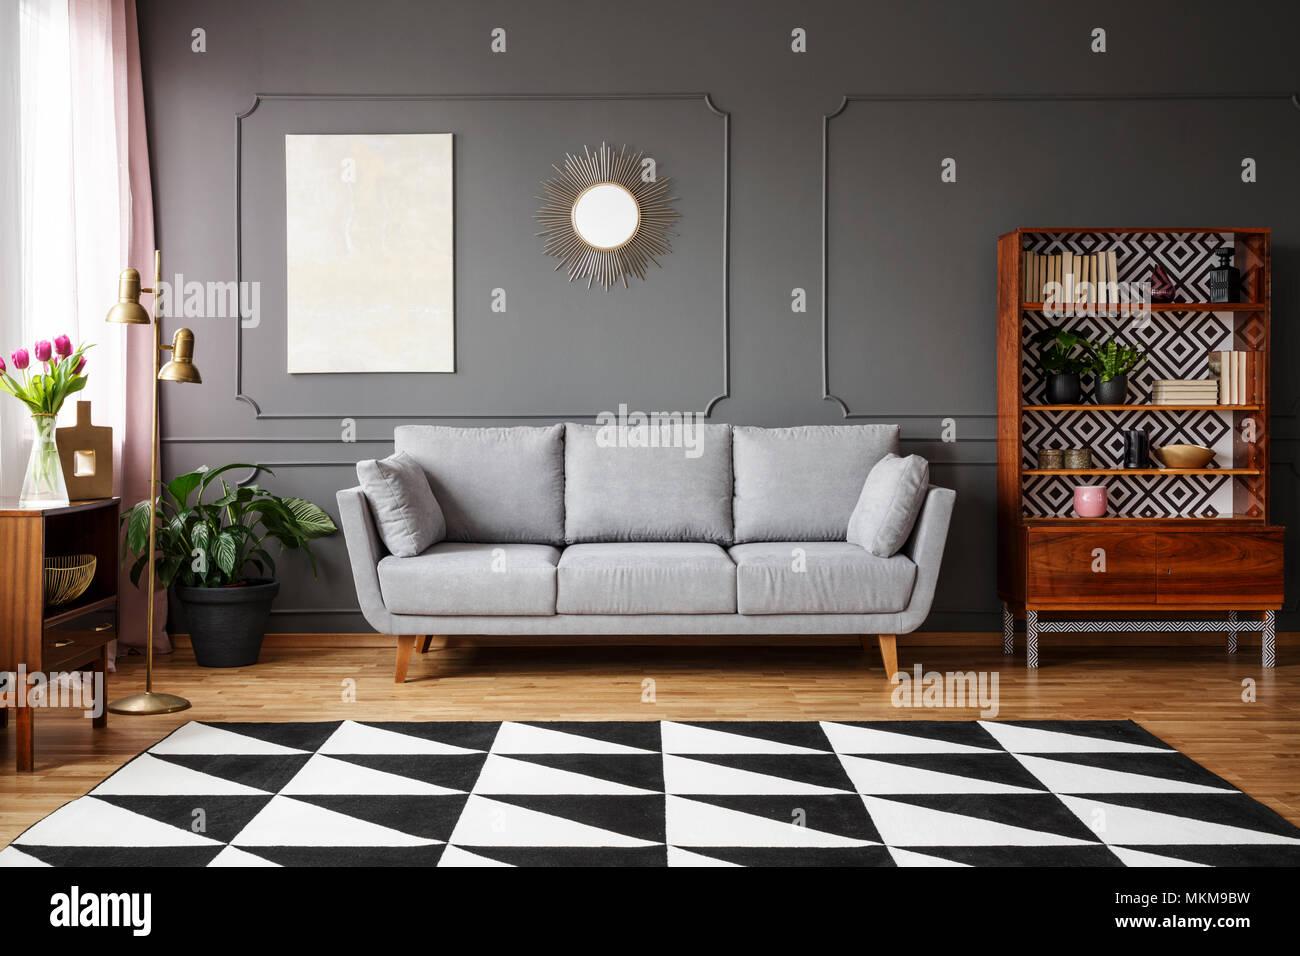 Schwarzer Und Weisser Teppich Mit Geometrischen Muster Auf Dem Boden